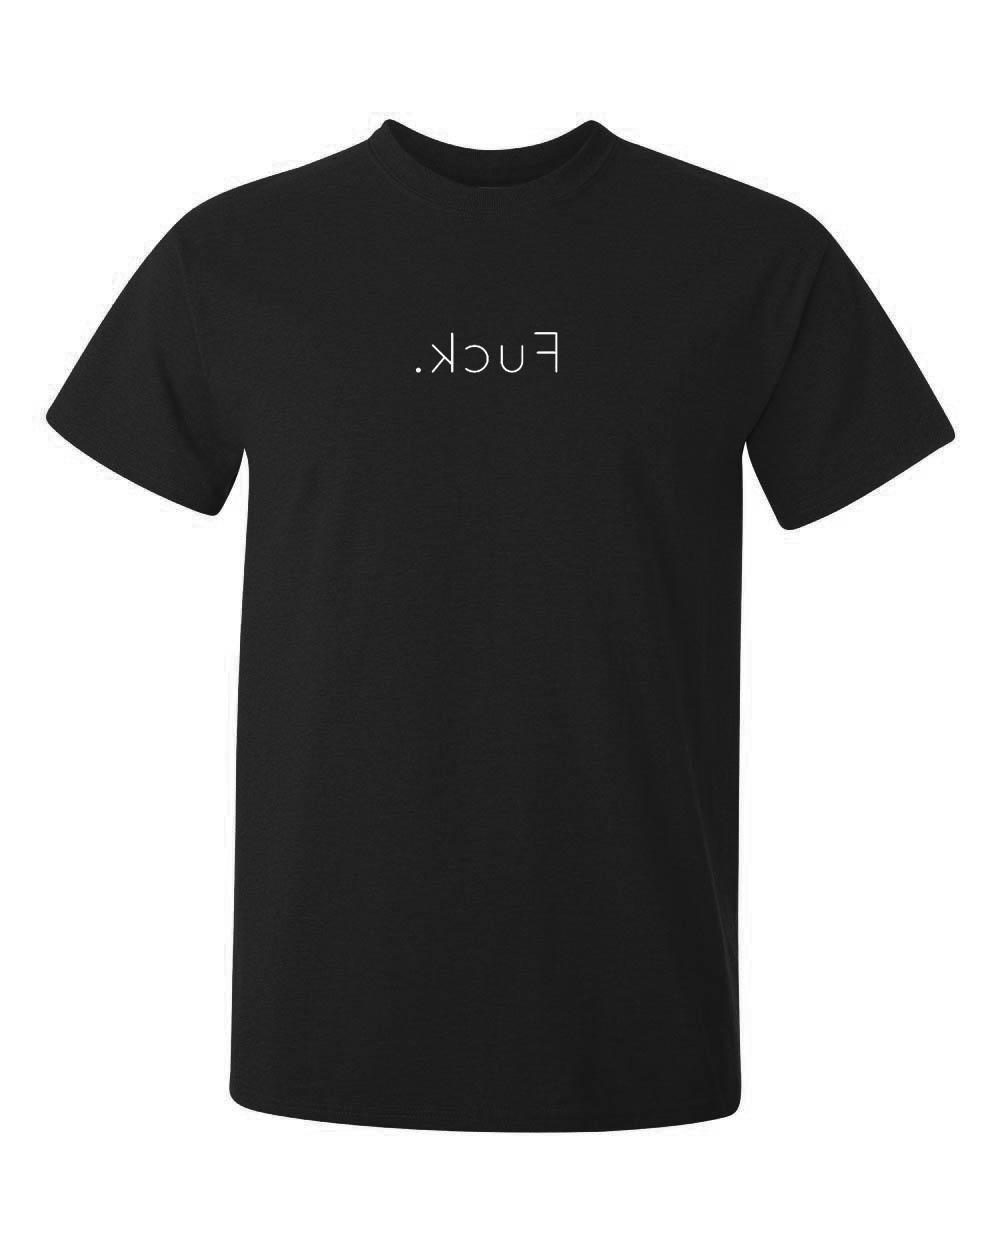 Ordet fuck är tryckt på en svart tshirt av kvalitet, ordet är även tryckt spegelvänt, så kanske det betyder det motsatta